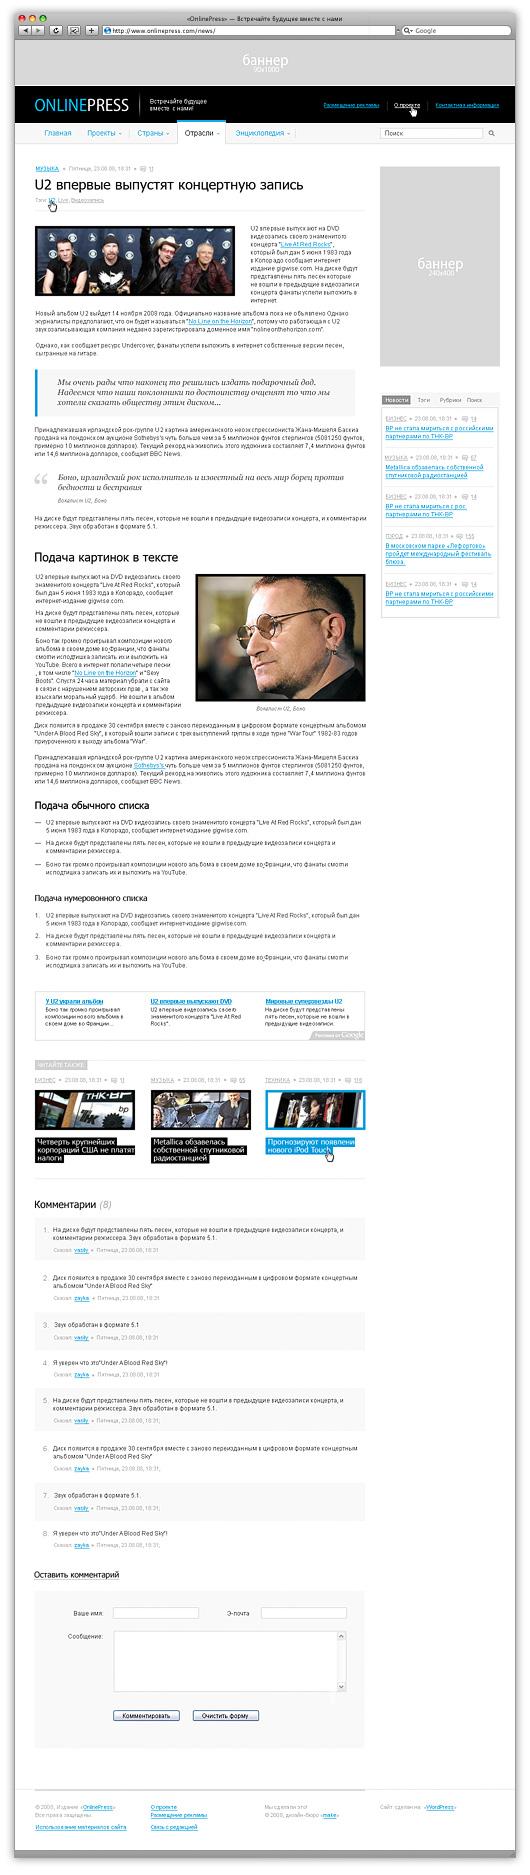 Тема оформления «Online-Press». Типовая внутренняя страница.